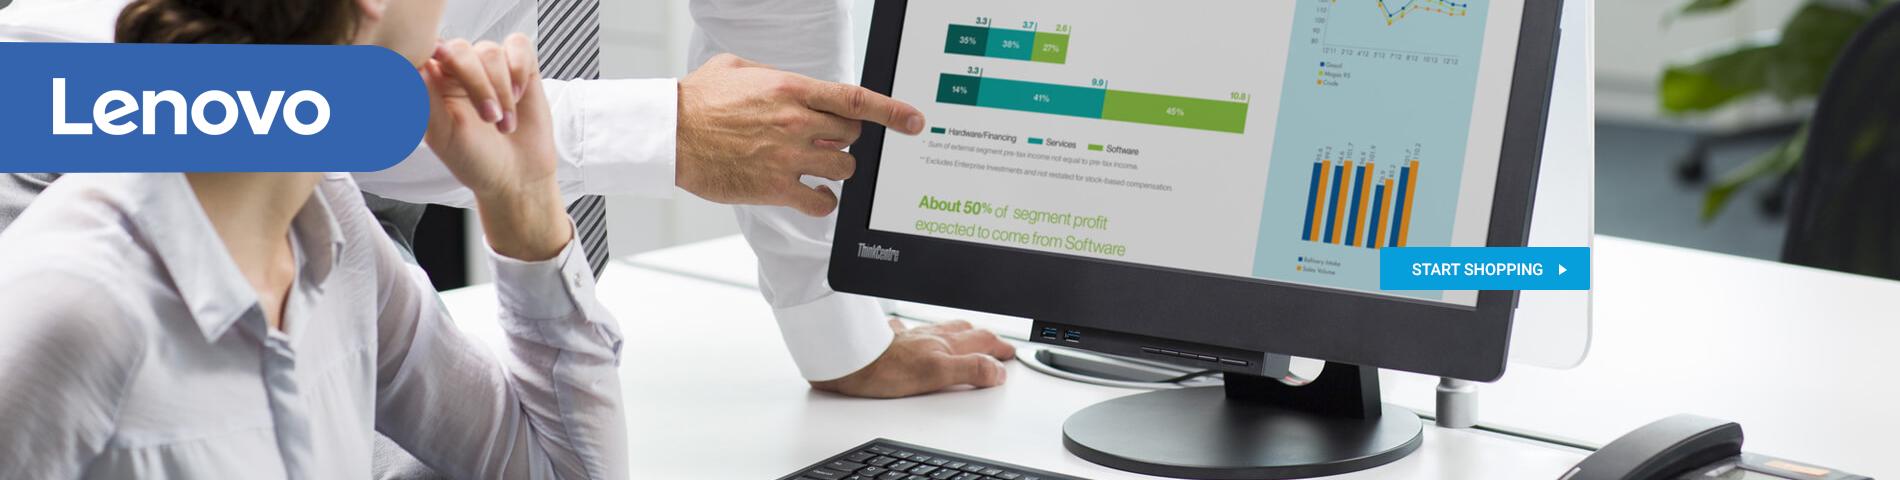 Lenovo Enterprise Solutions